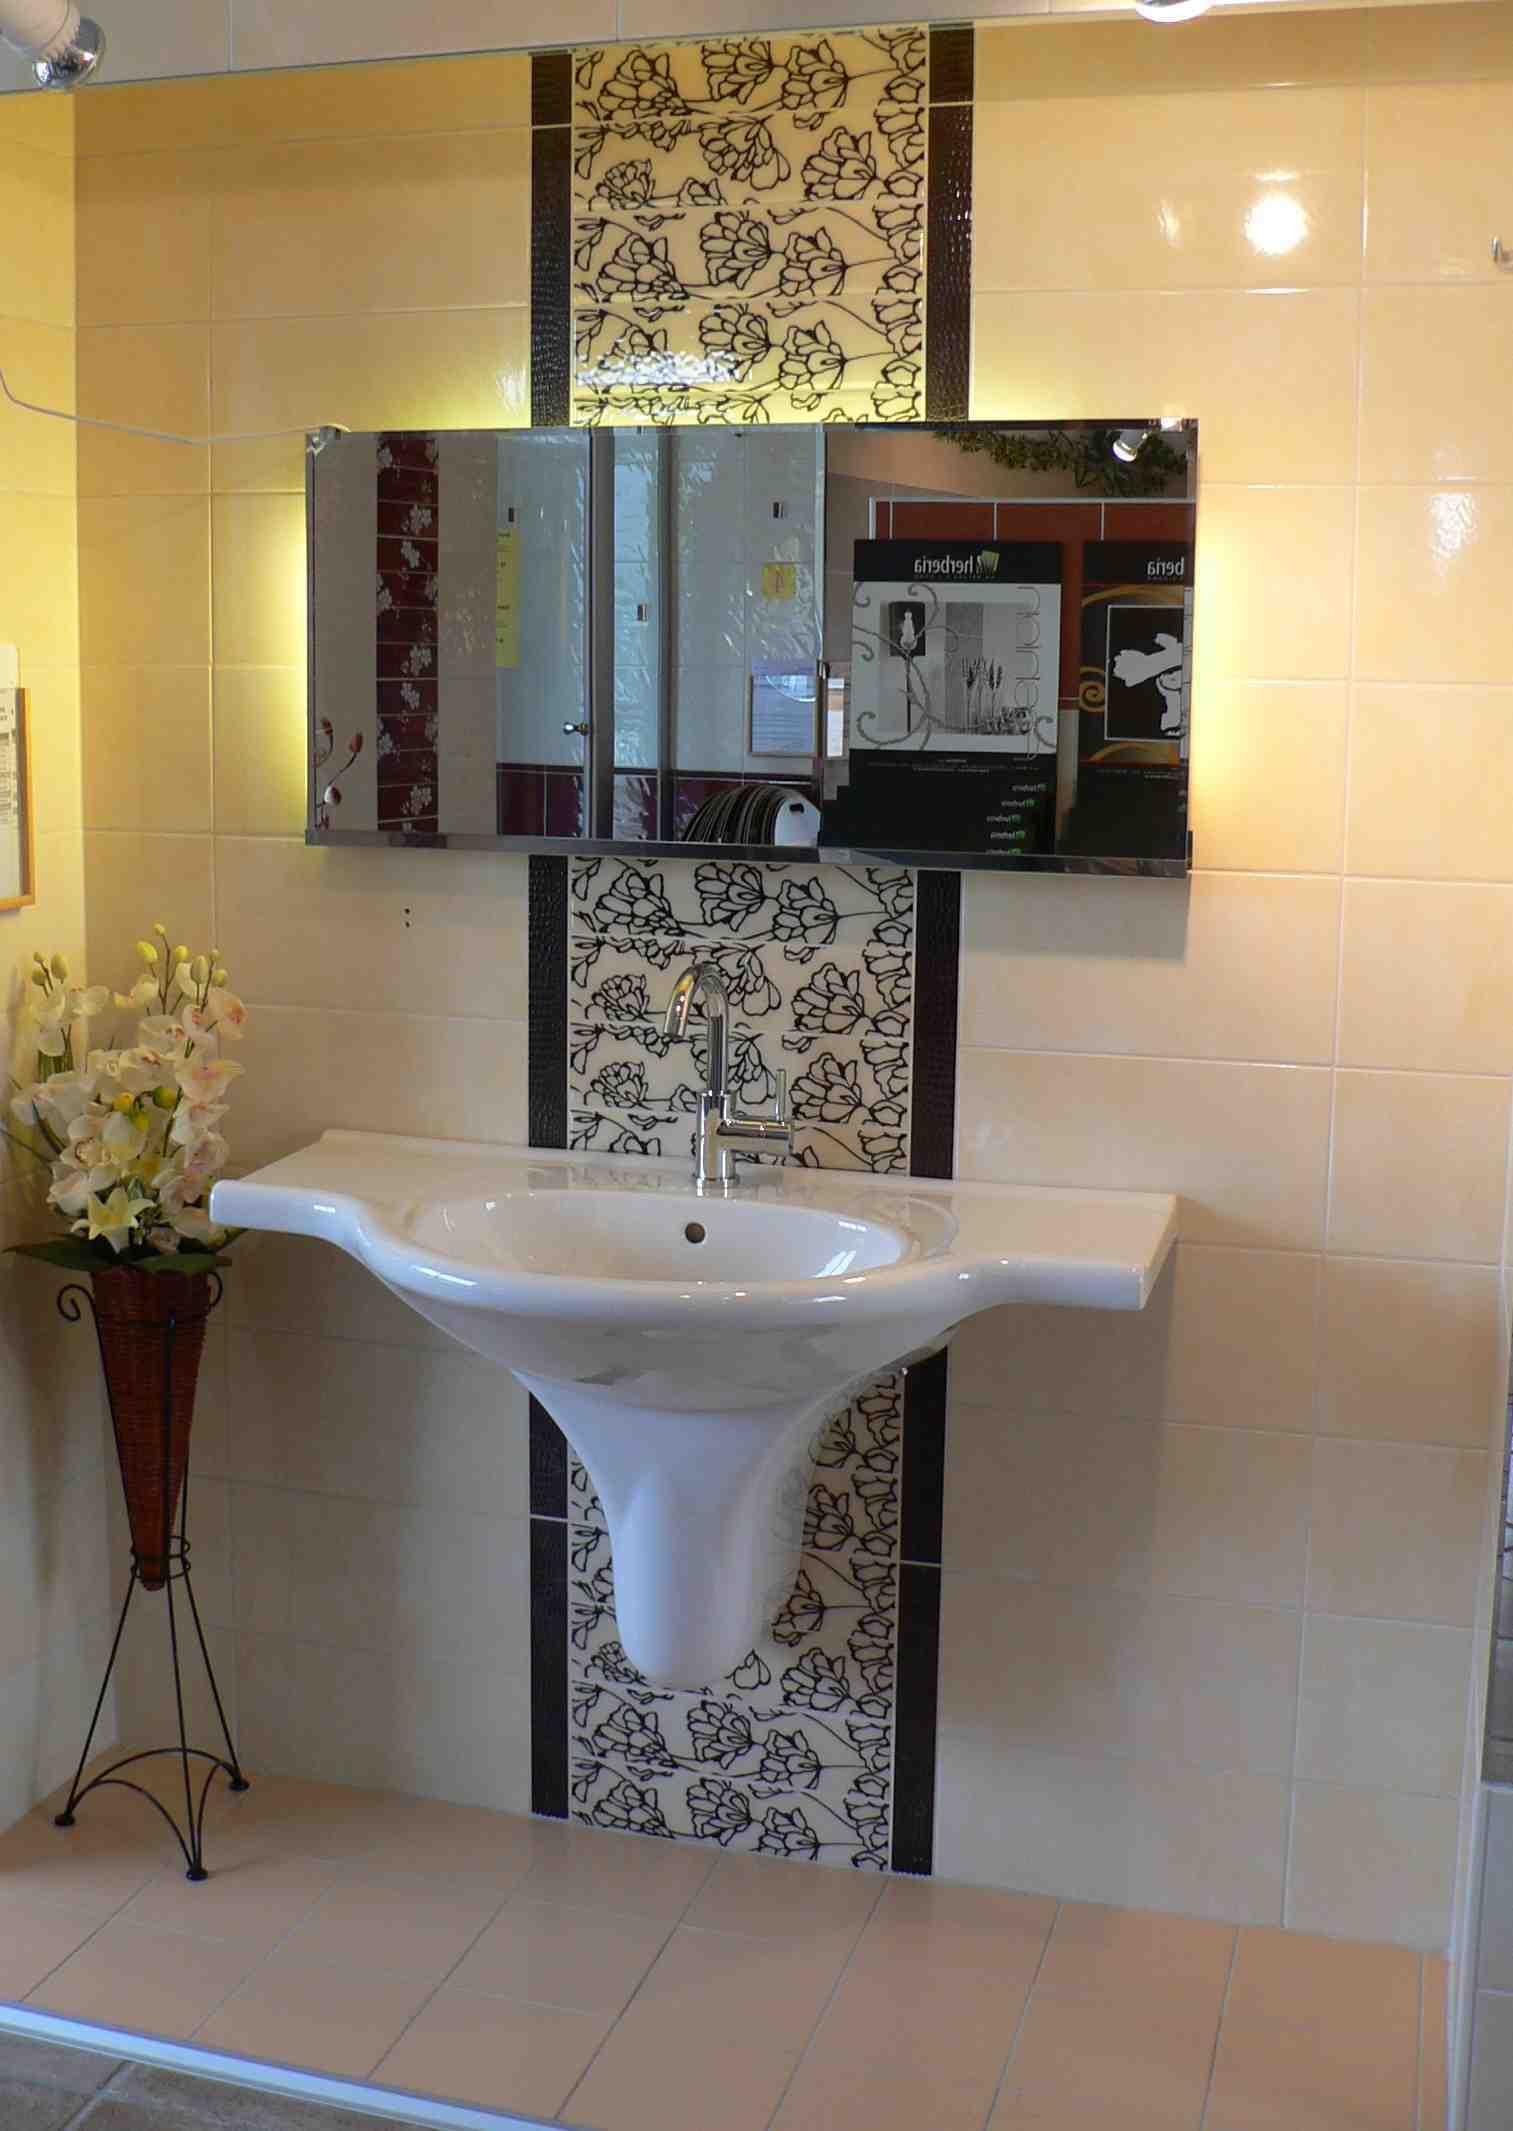 Fürdőszoba szalon mustra: Amitől még Audrey Hepburn is életre kel:) - Fürdőszoba Titkok